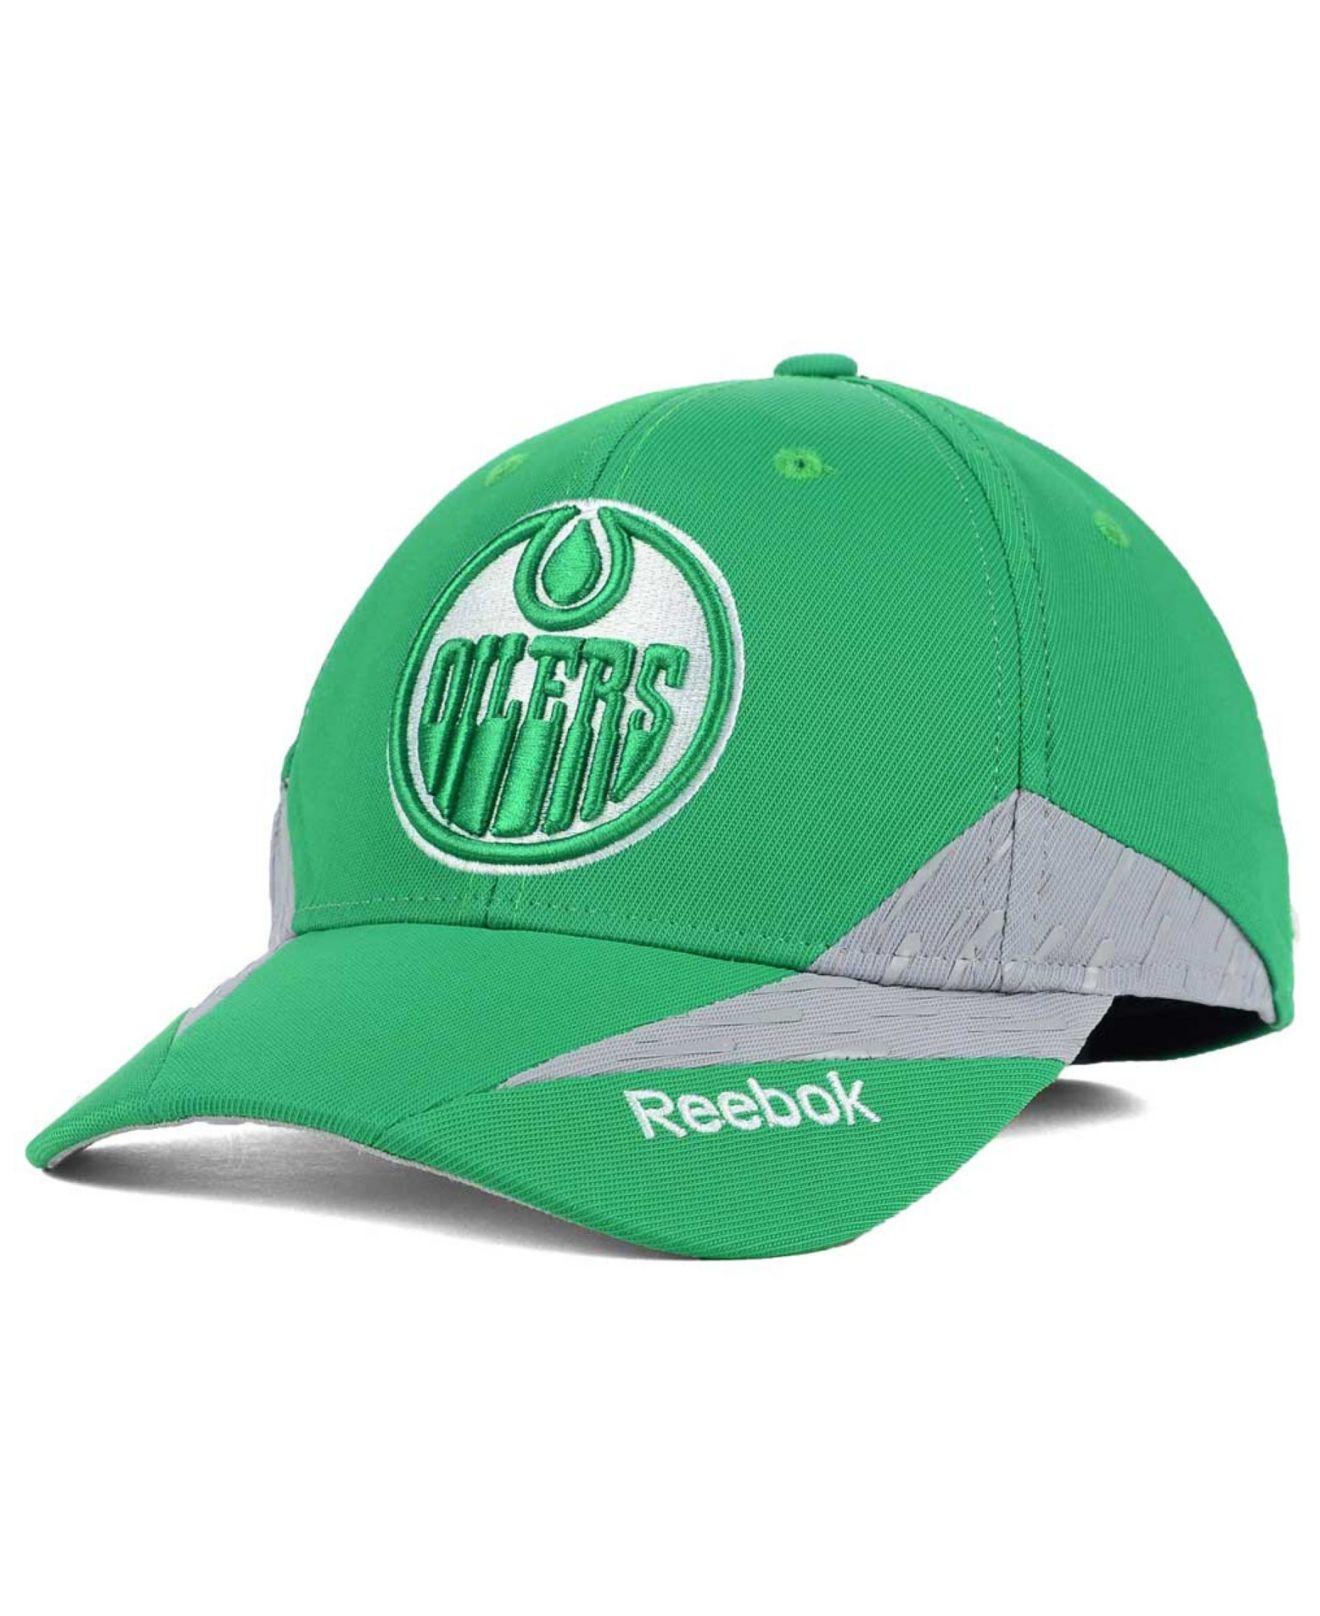 48d13acb1c0 Lyst - Reebok Edmonton Oilers Practice Flex Cap in Green for Men